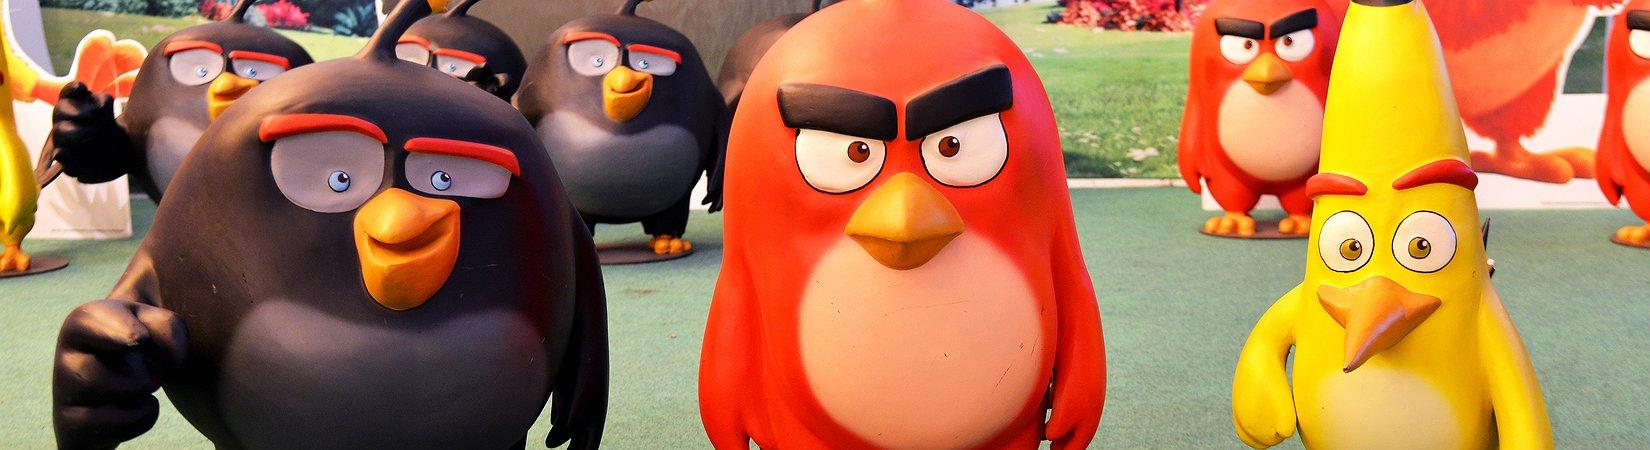 El creador de Angry Birds planea cotizar en la Bolsa de Helsinki